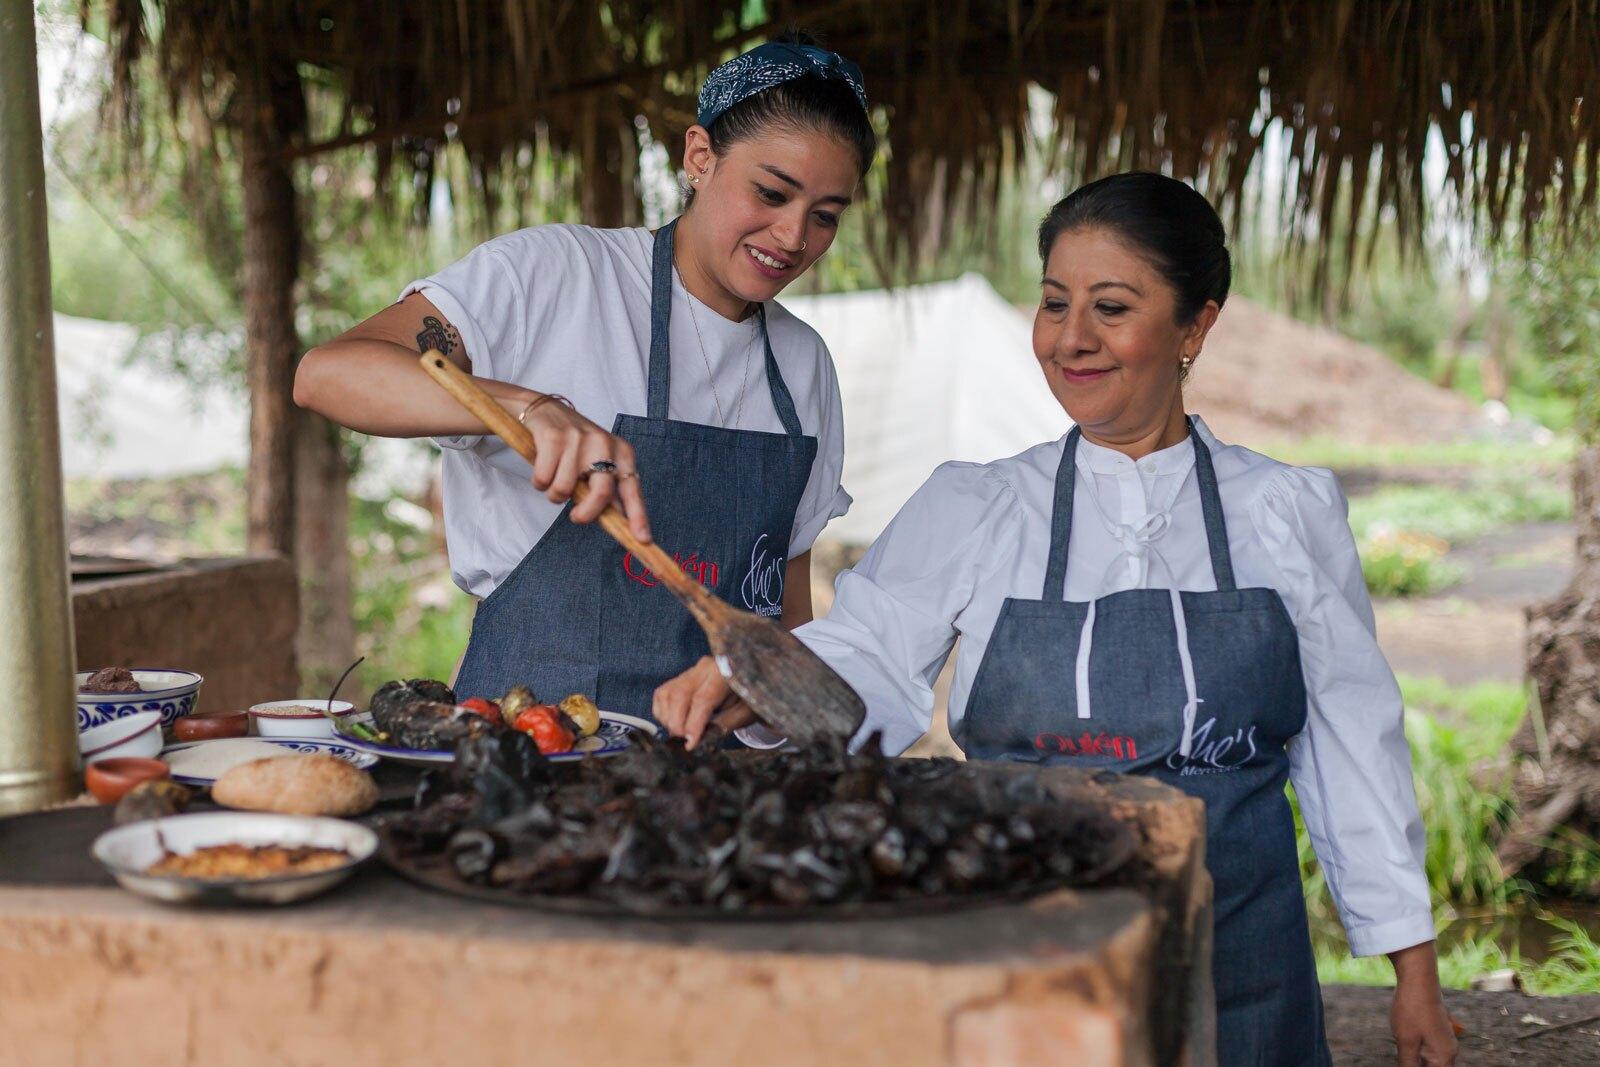 mujeres cocinando